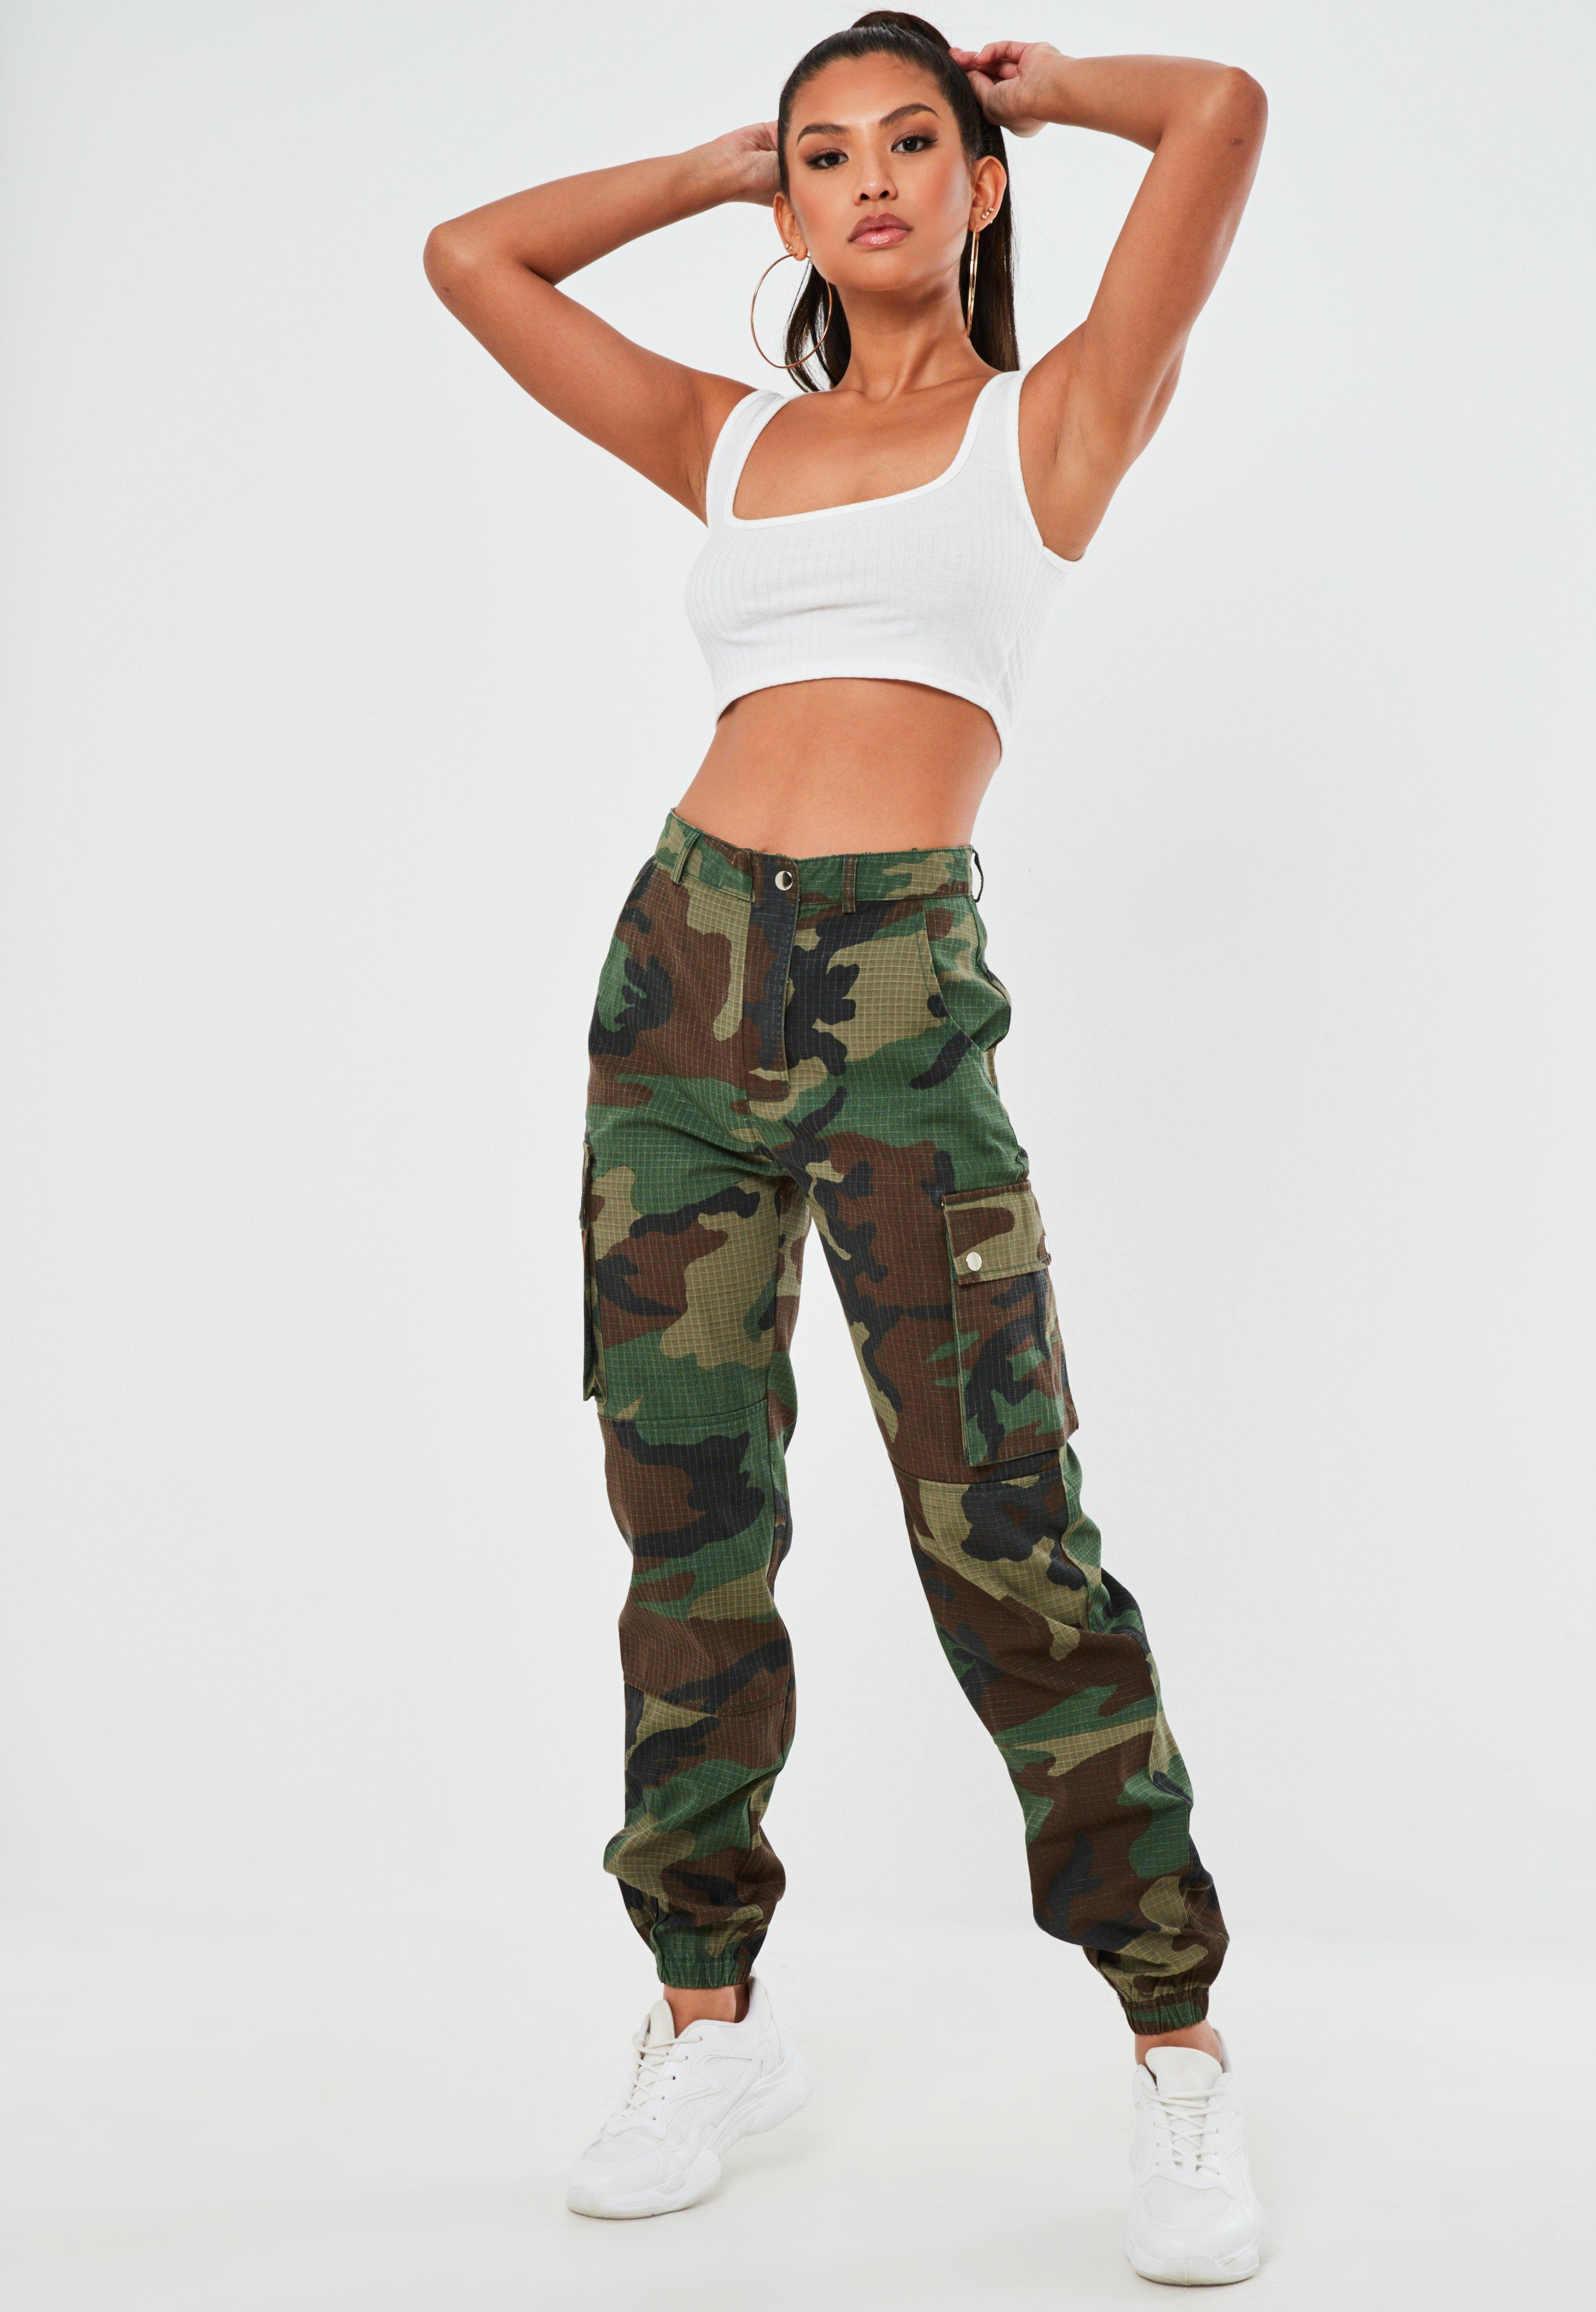 e0704f58e03 Pantalon cargo vert imprimé camouflage